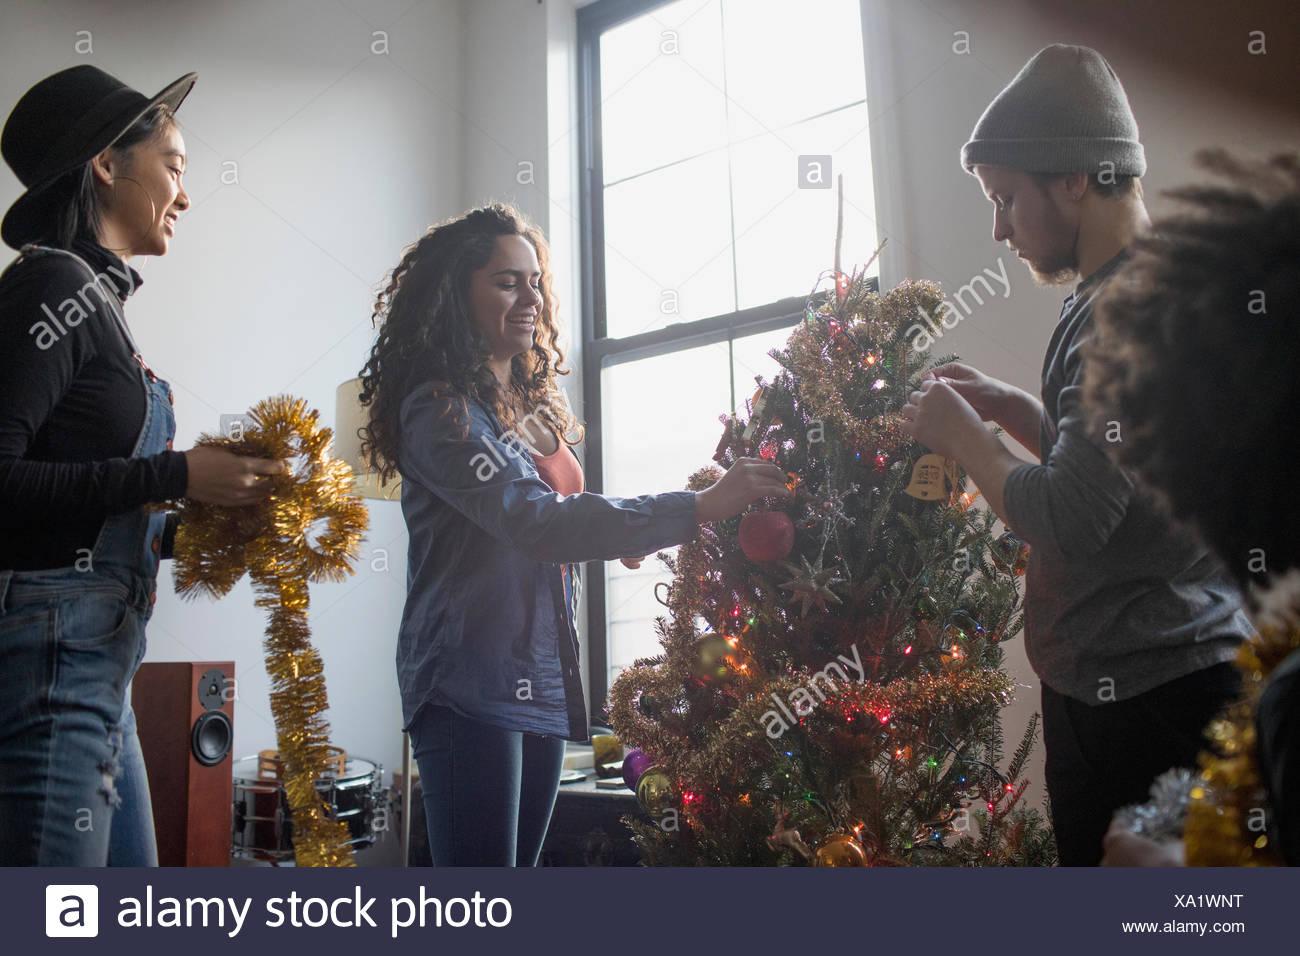 Un groupe de personnes de décorer un arbre de Noël Photo Stock